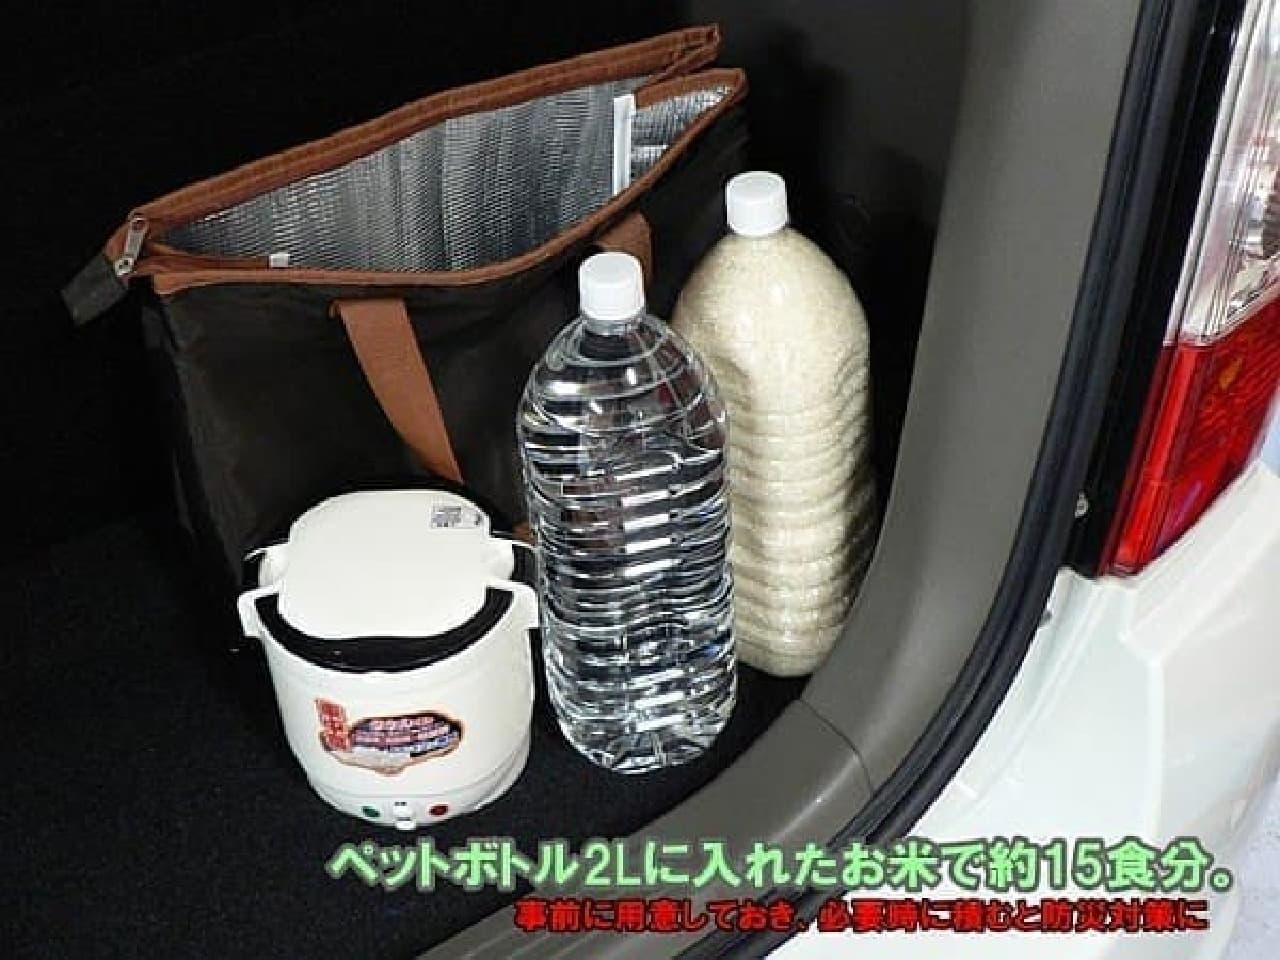 水と無洗米、それにタケルくんを積んでおけば  いつでもどこでも炊きたてご飯が食べられます